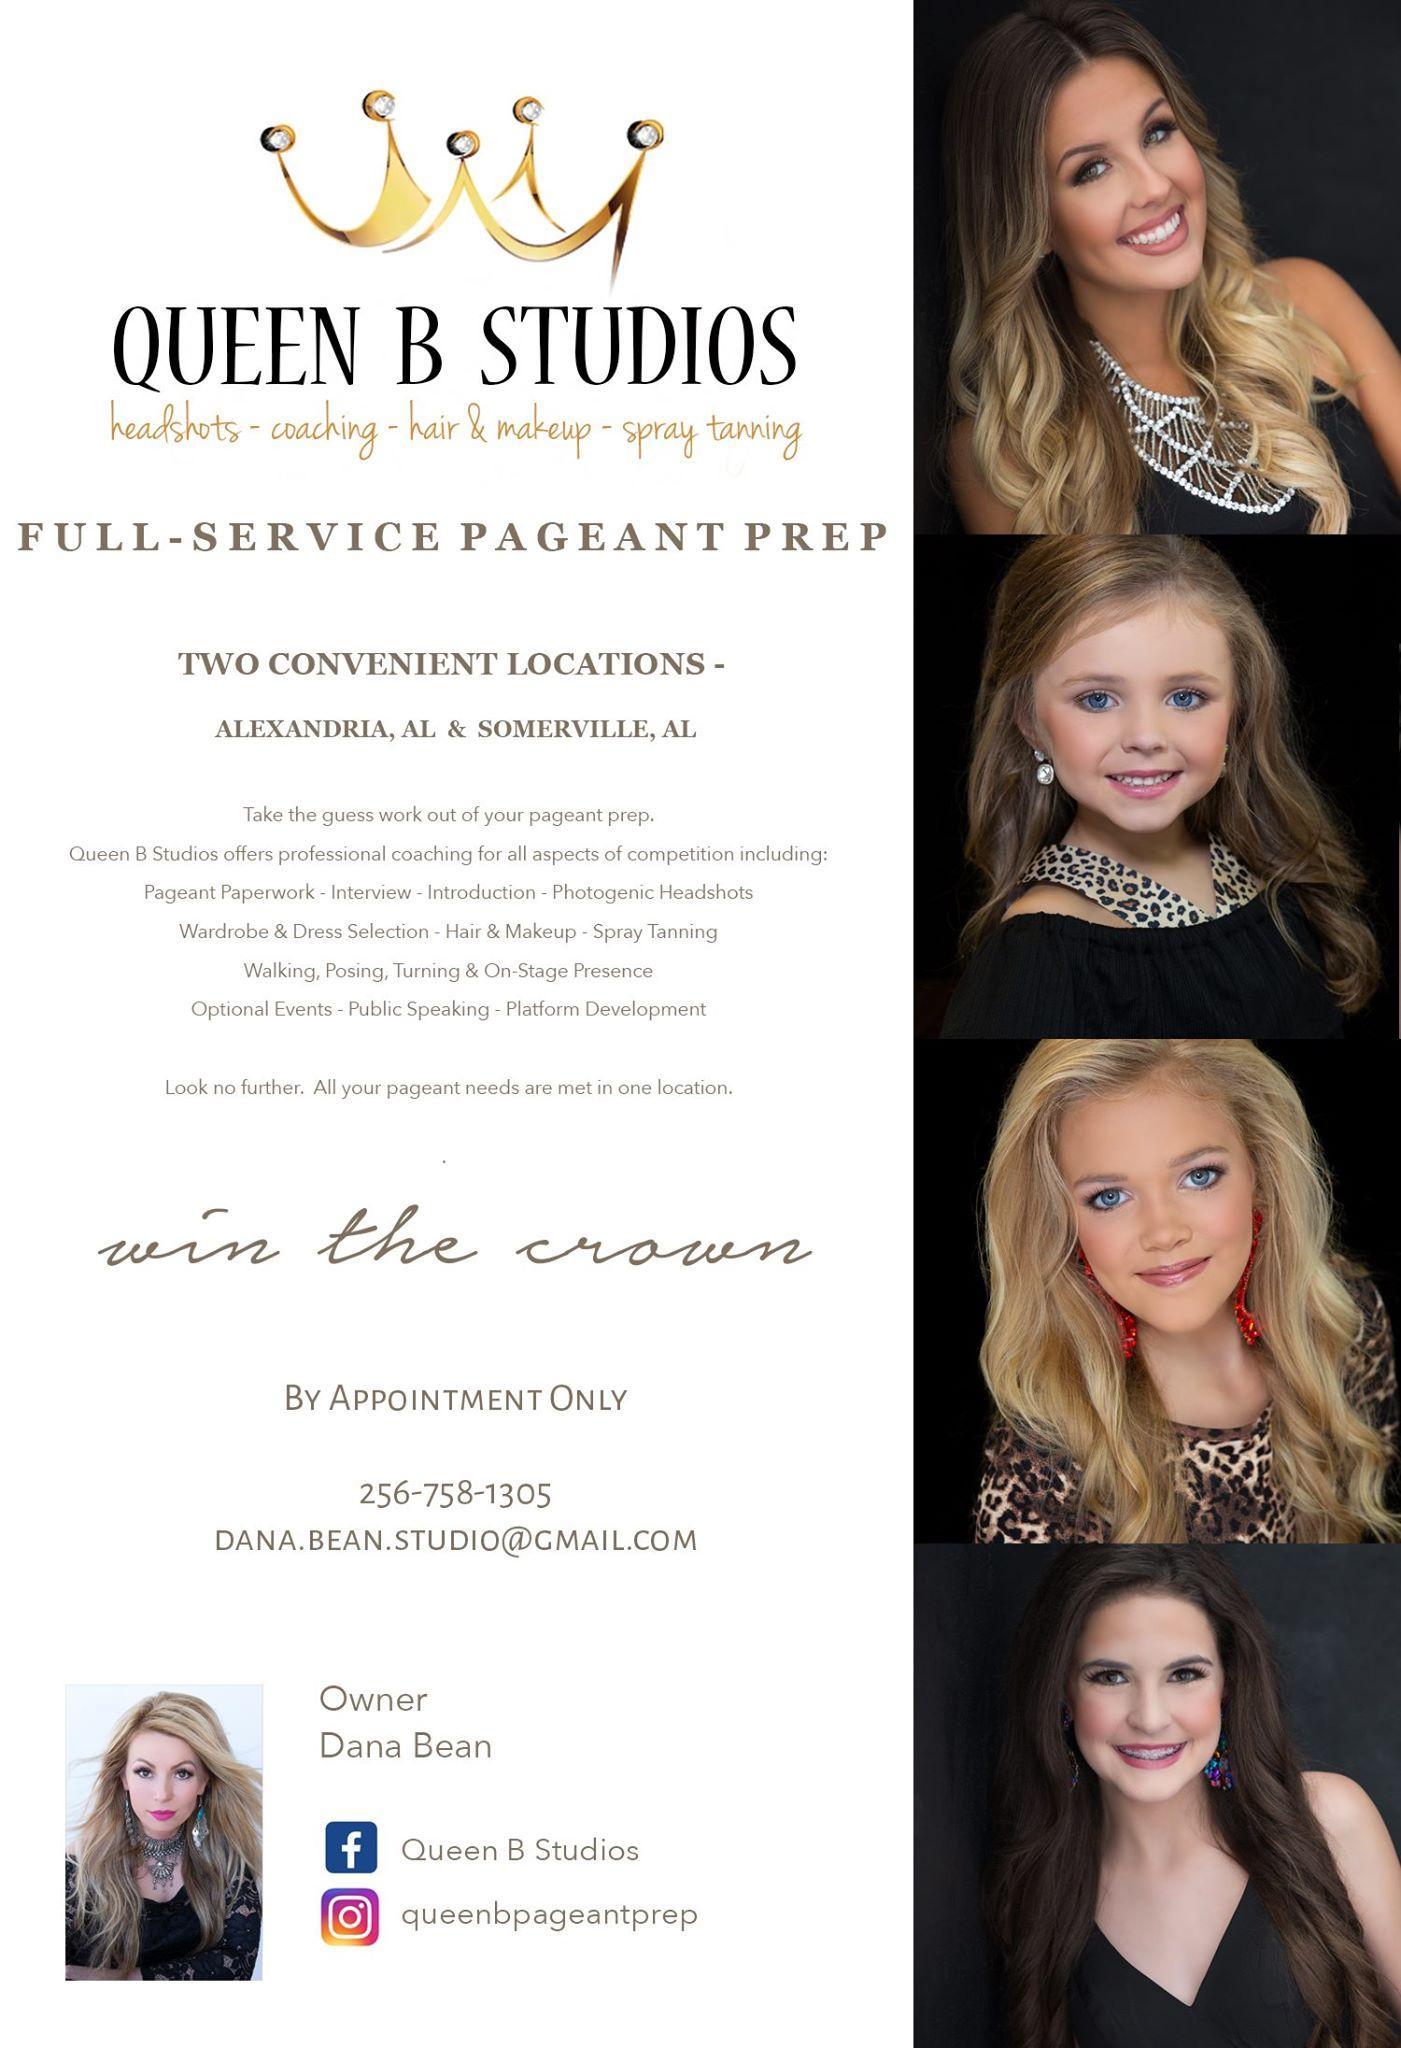 Queen B Studios